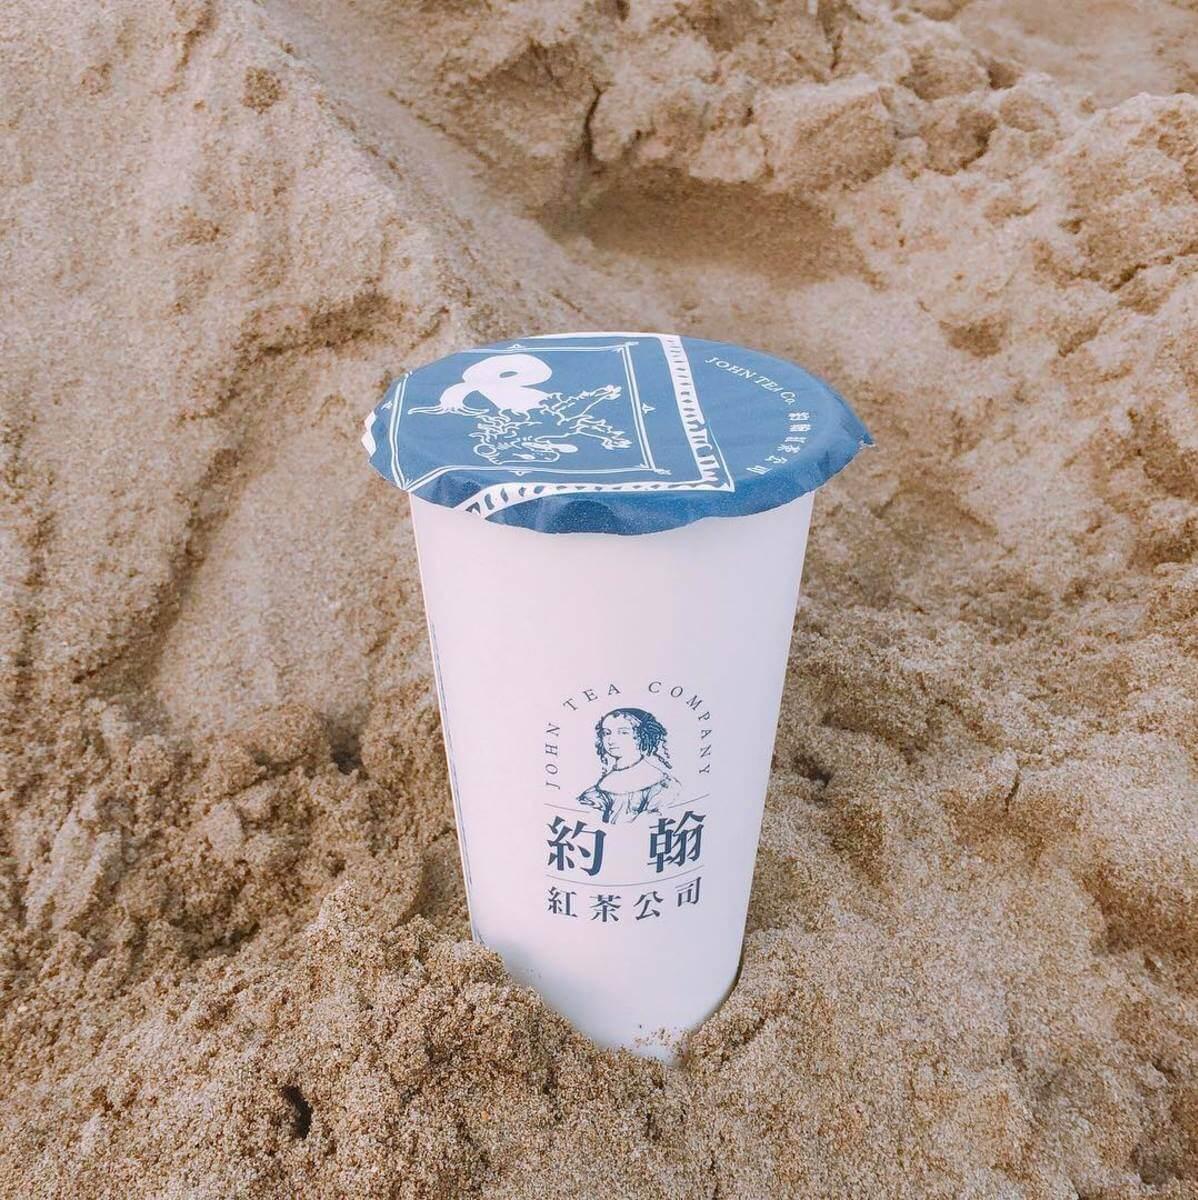 cửa hàng nước take-away ở Đài Loan: john black tea company